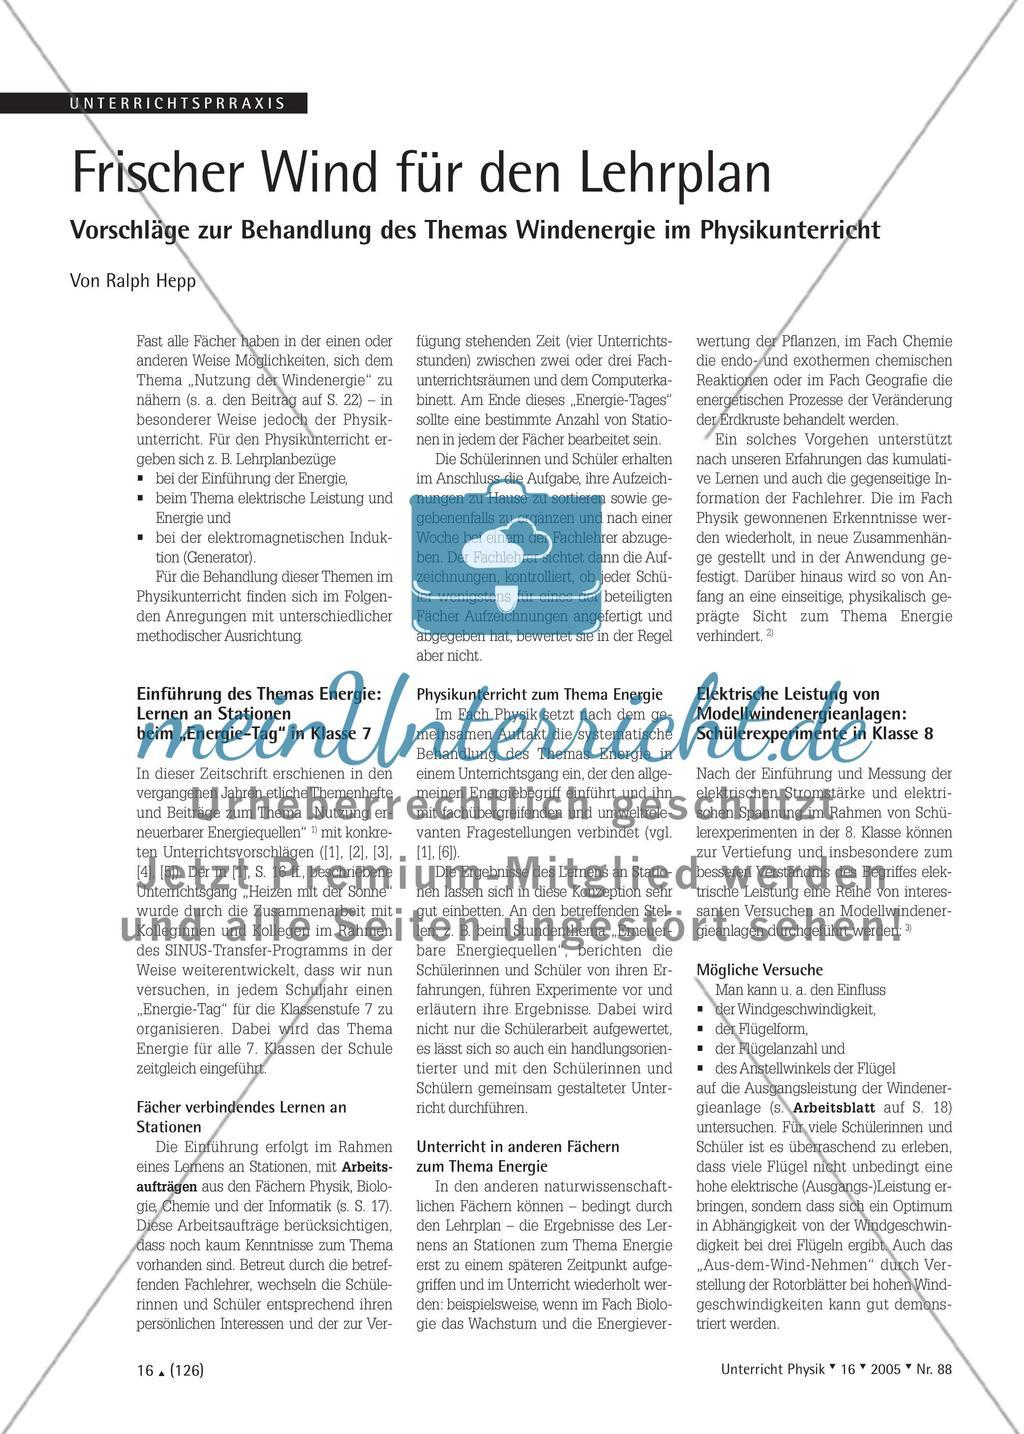 Frischer Wind für den Lehrplan - Vorschläge zur Behandlung des Themas Windenergie im Physikunterricht Preview 1